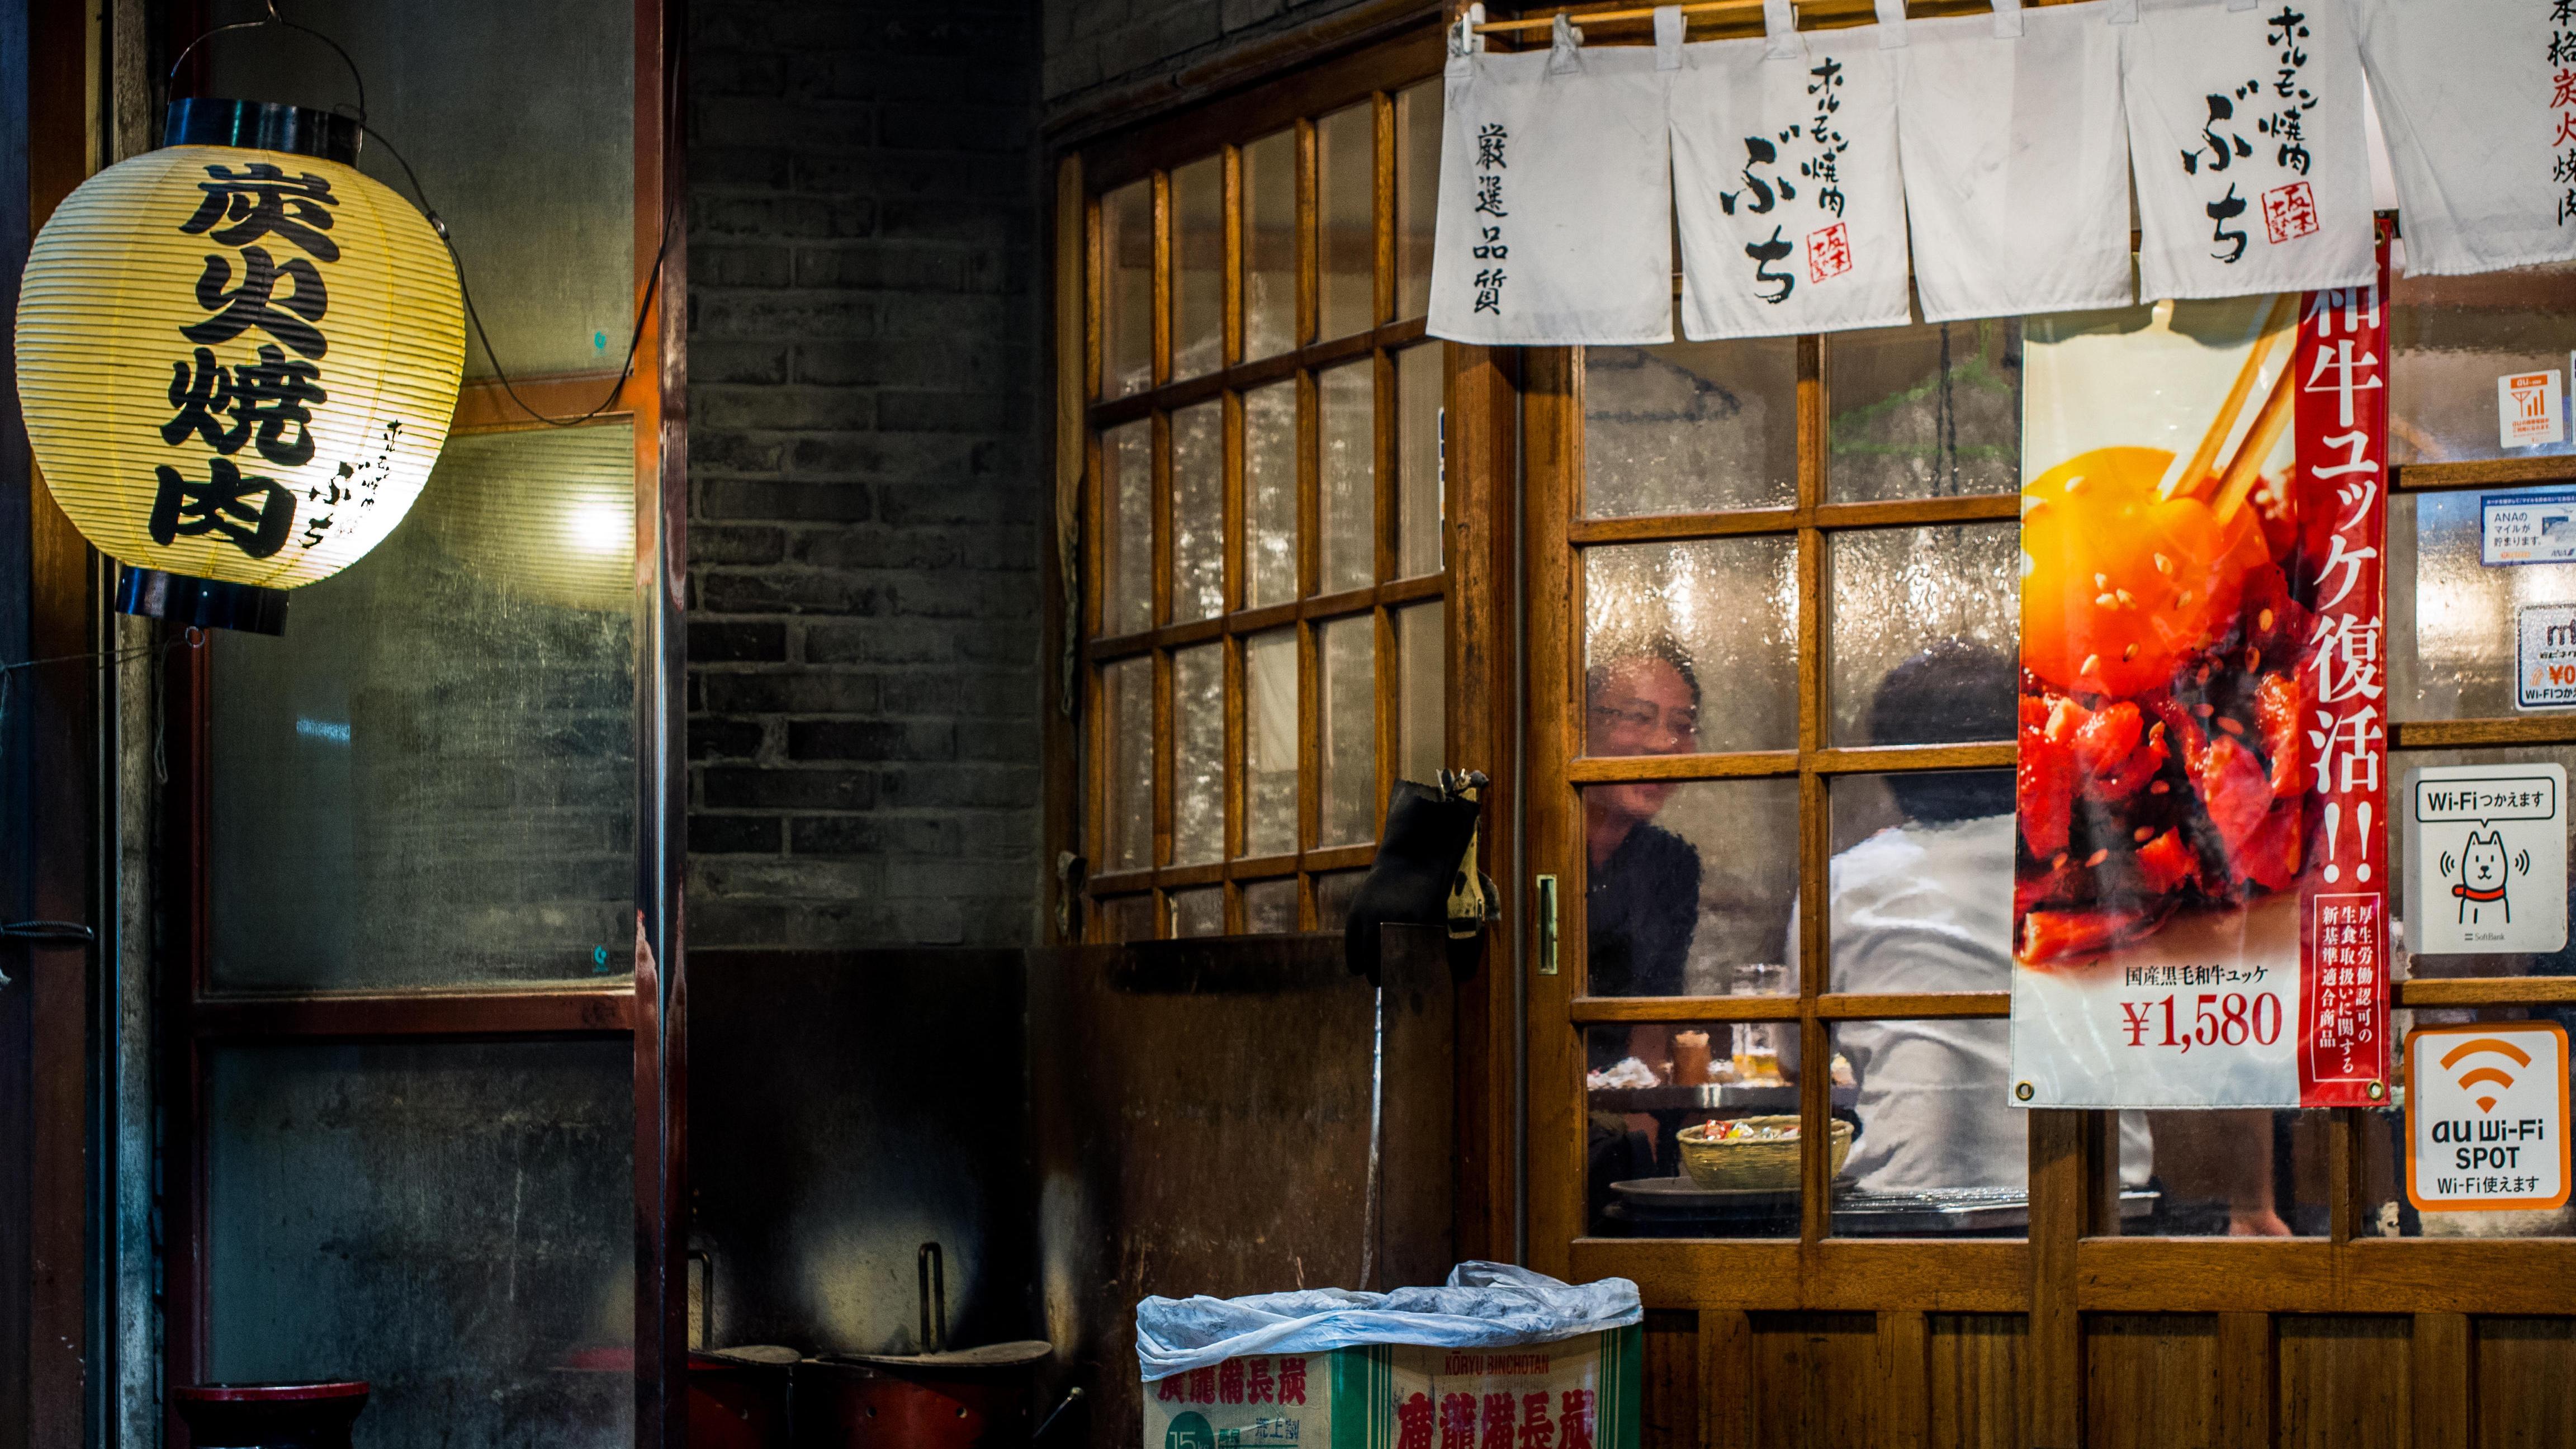 The Best Restaurants in Shibuya